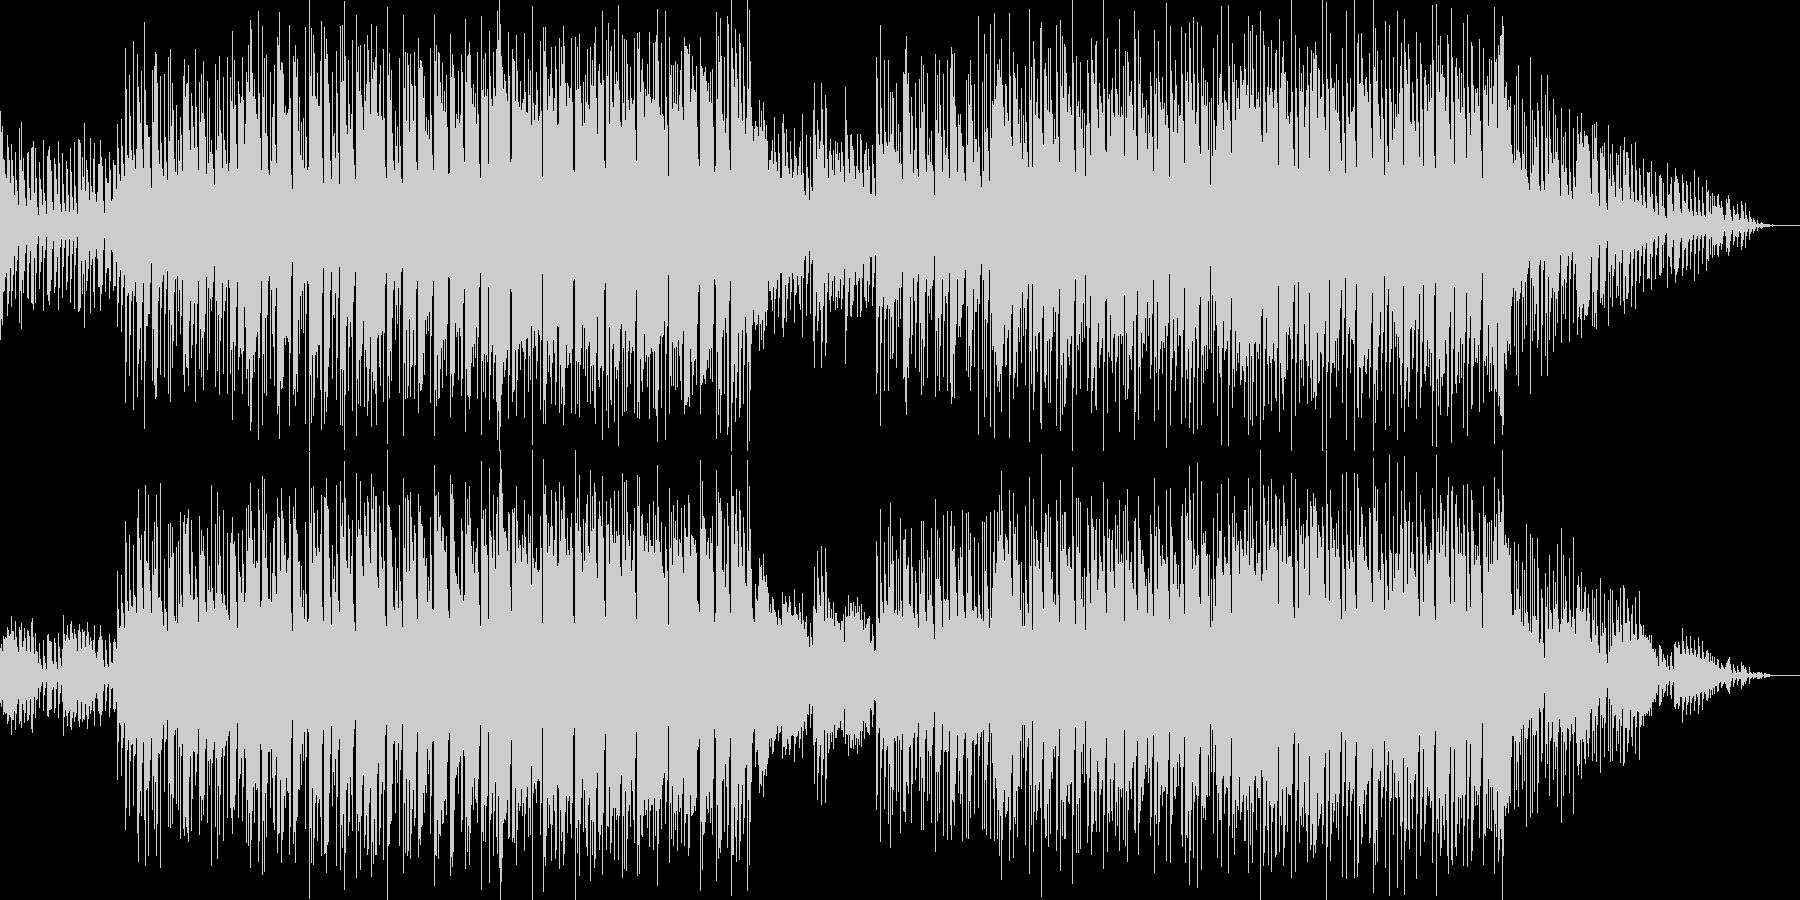 中近東っぽいリフと切ないメロディの曲の未再生の波形